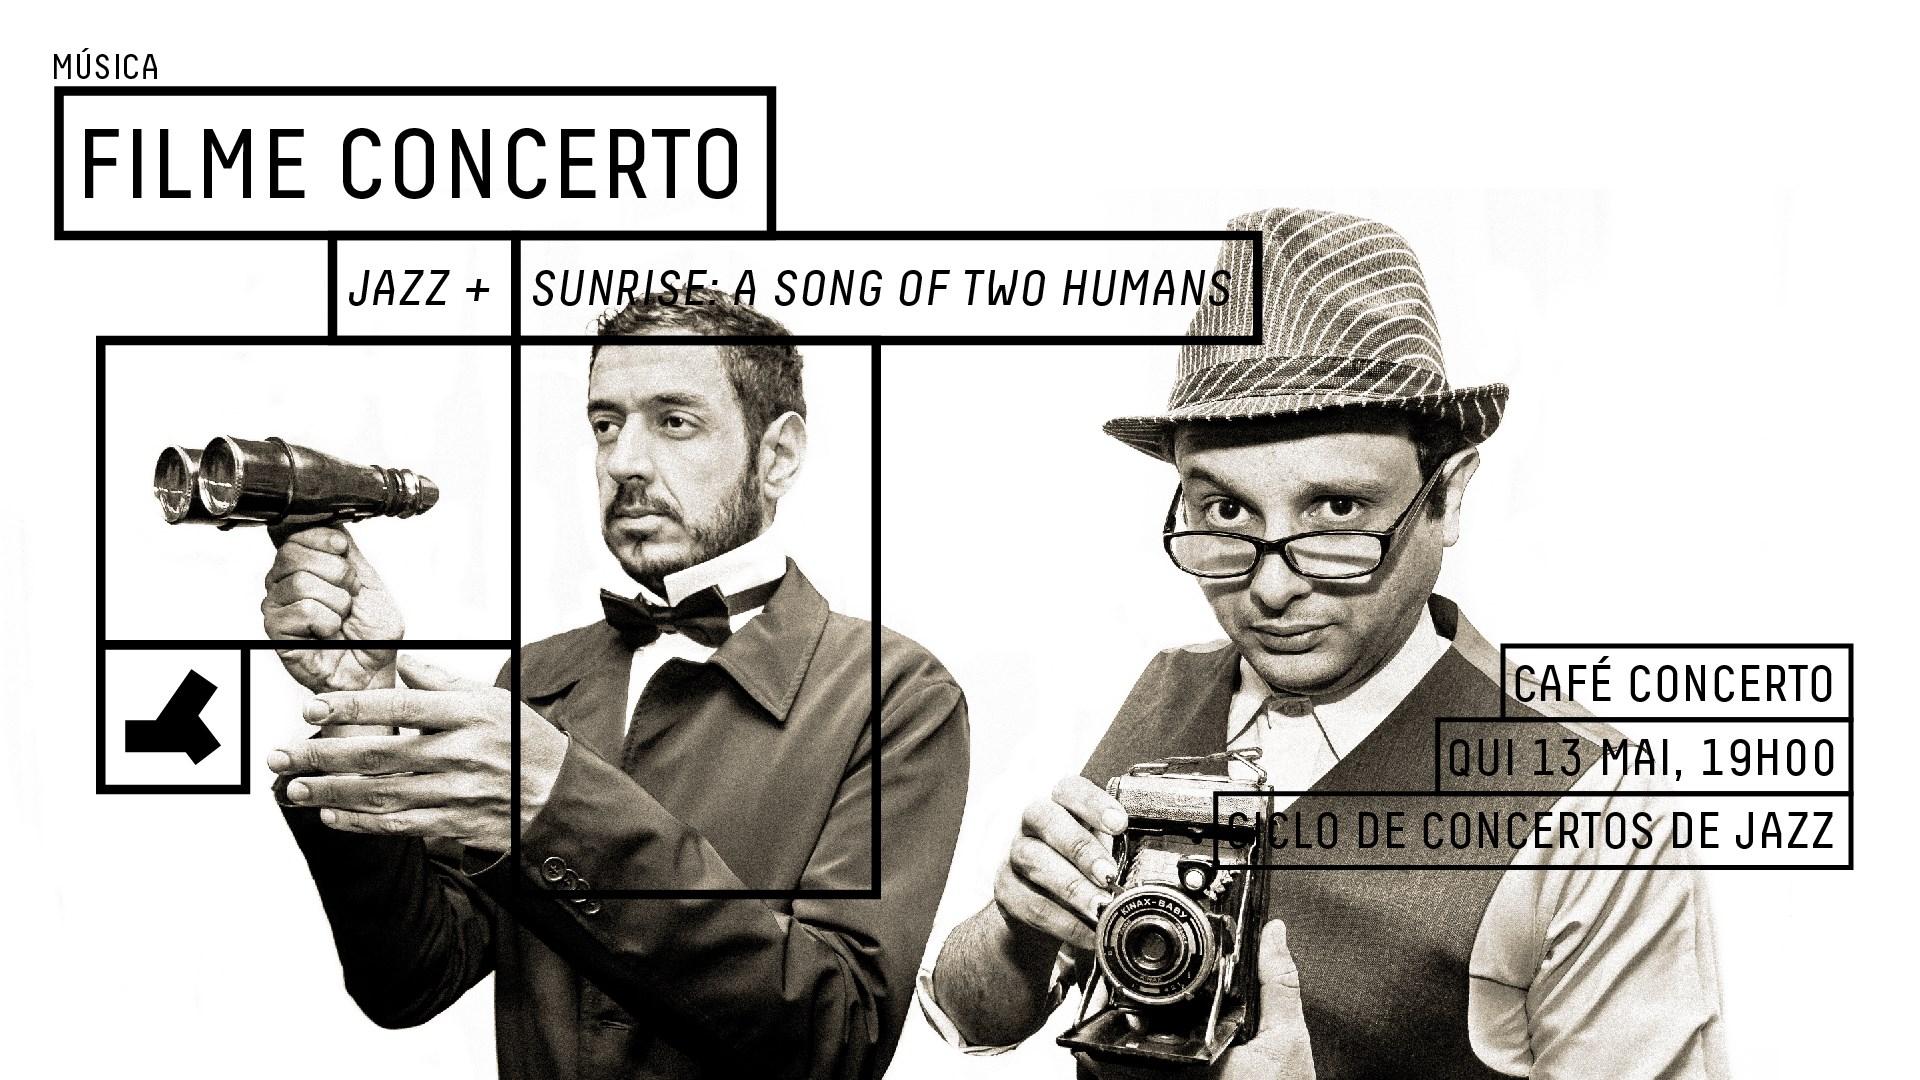 Filme Concerto - Jazz+ Ciclo de Concertos de Jazz - Nova Data